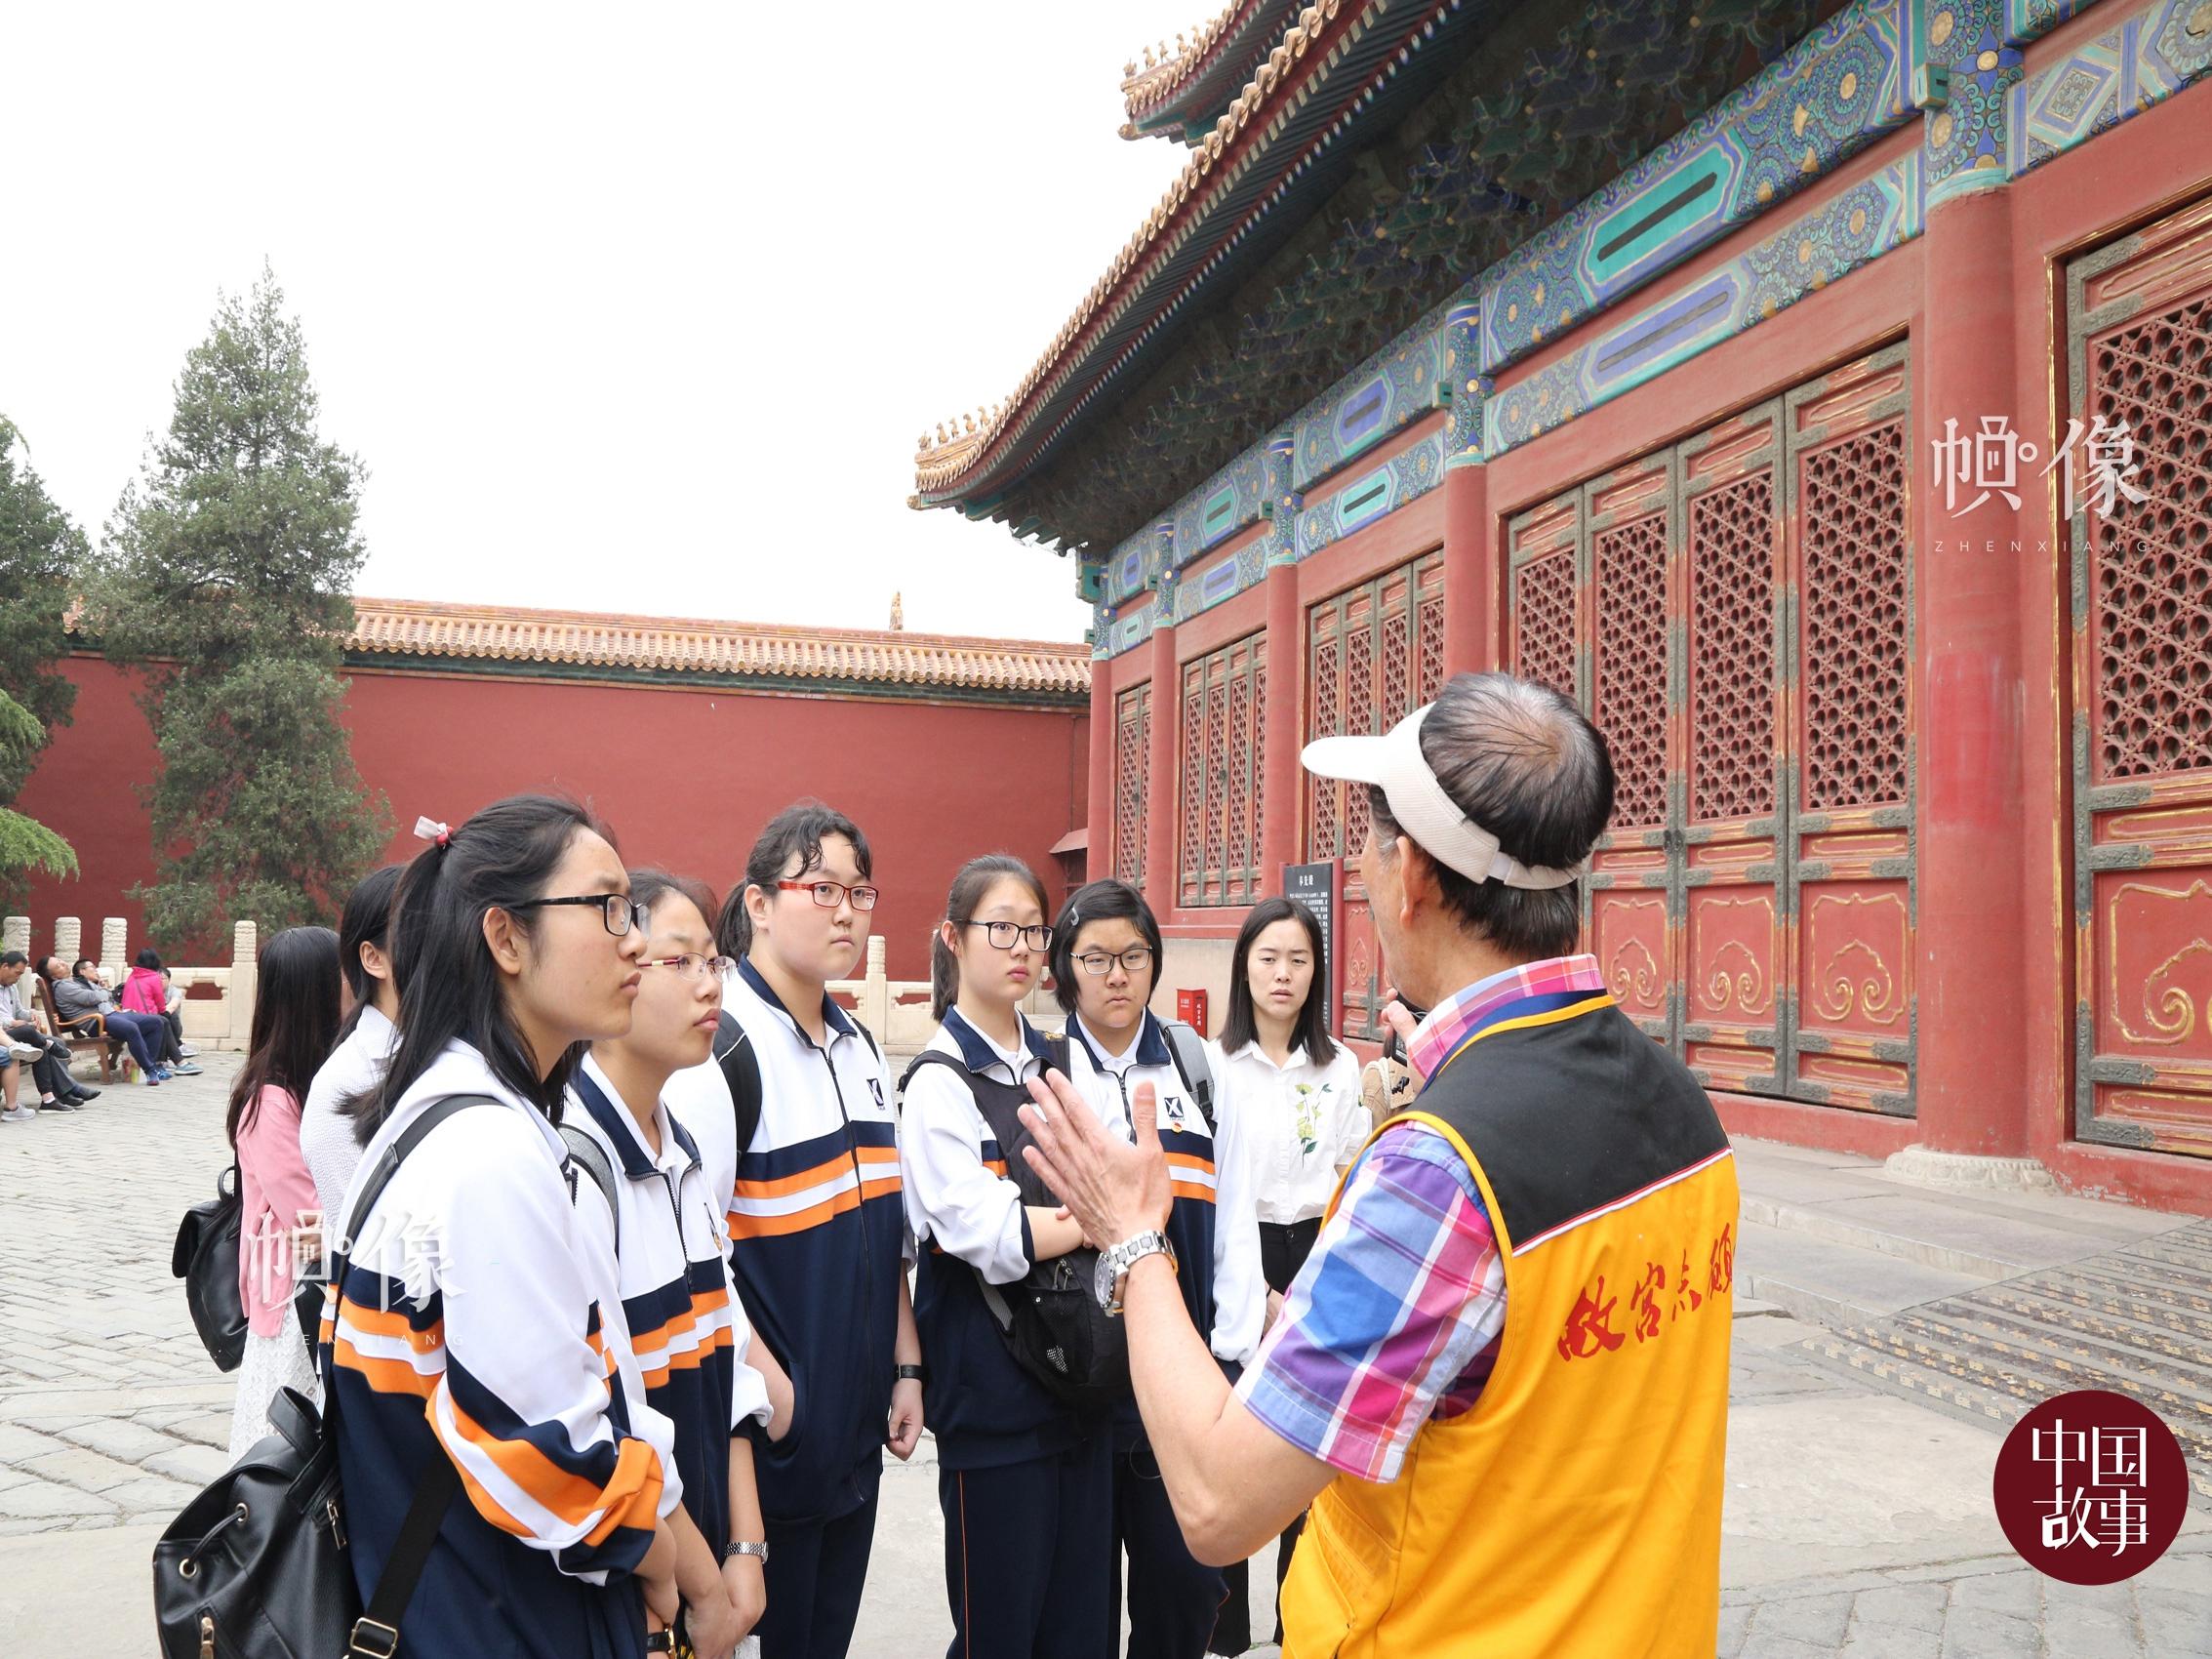 故宫志愿讲解员高斌侠为前来参观的学生进行讲解。 中国网实习记者 赵丹 摄